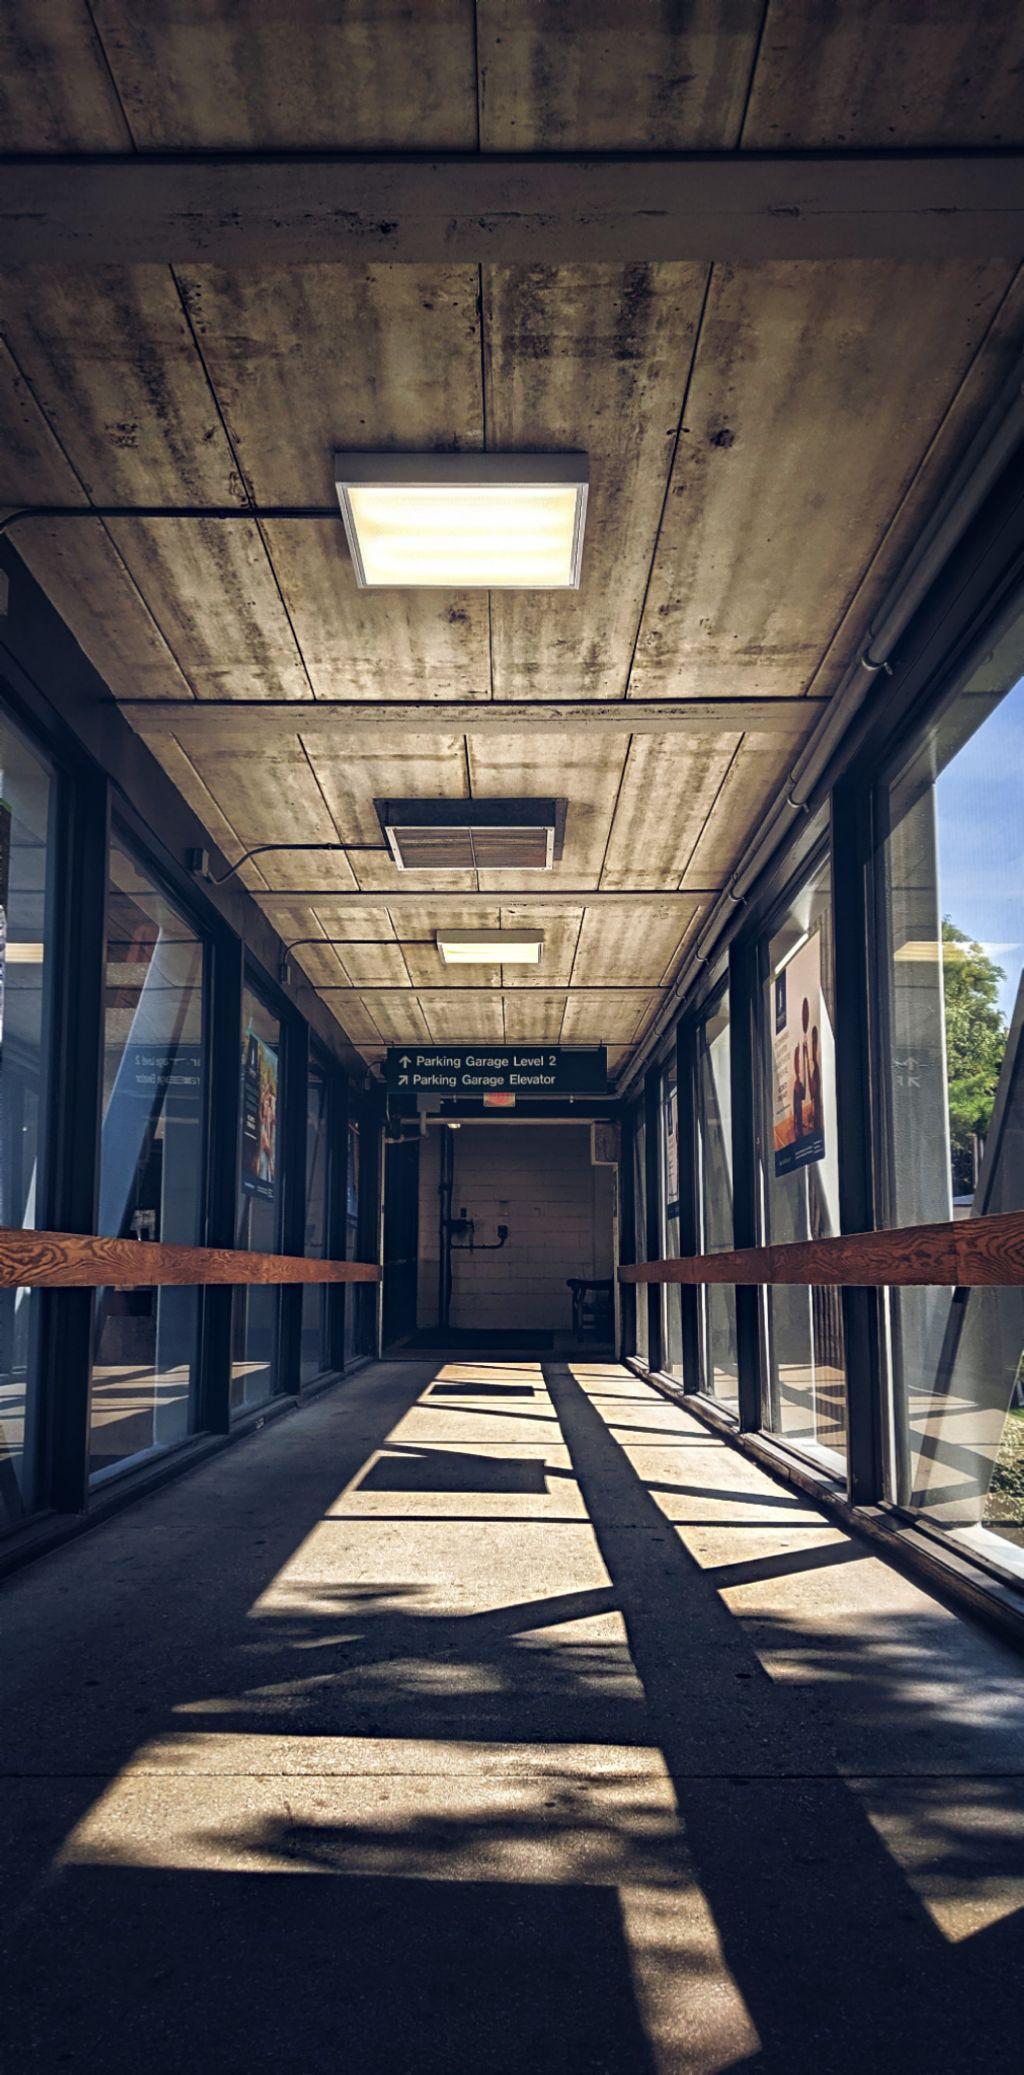 #bridge #windows #hall #lineofsight #Philadelphia